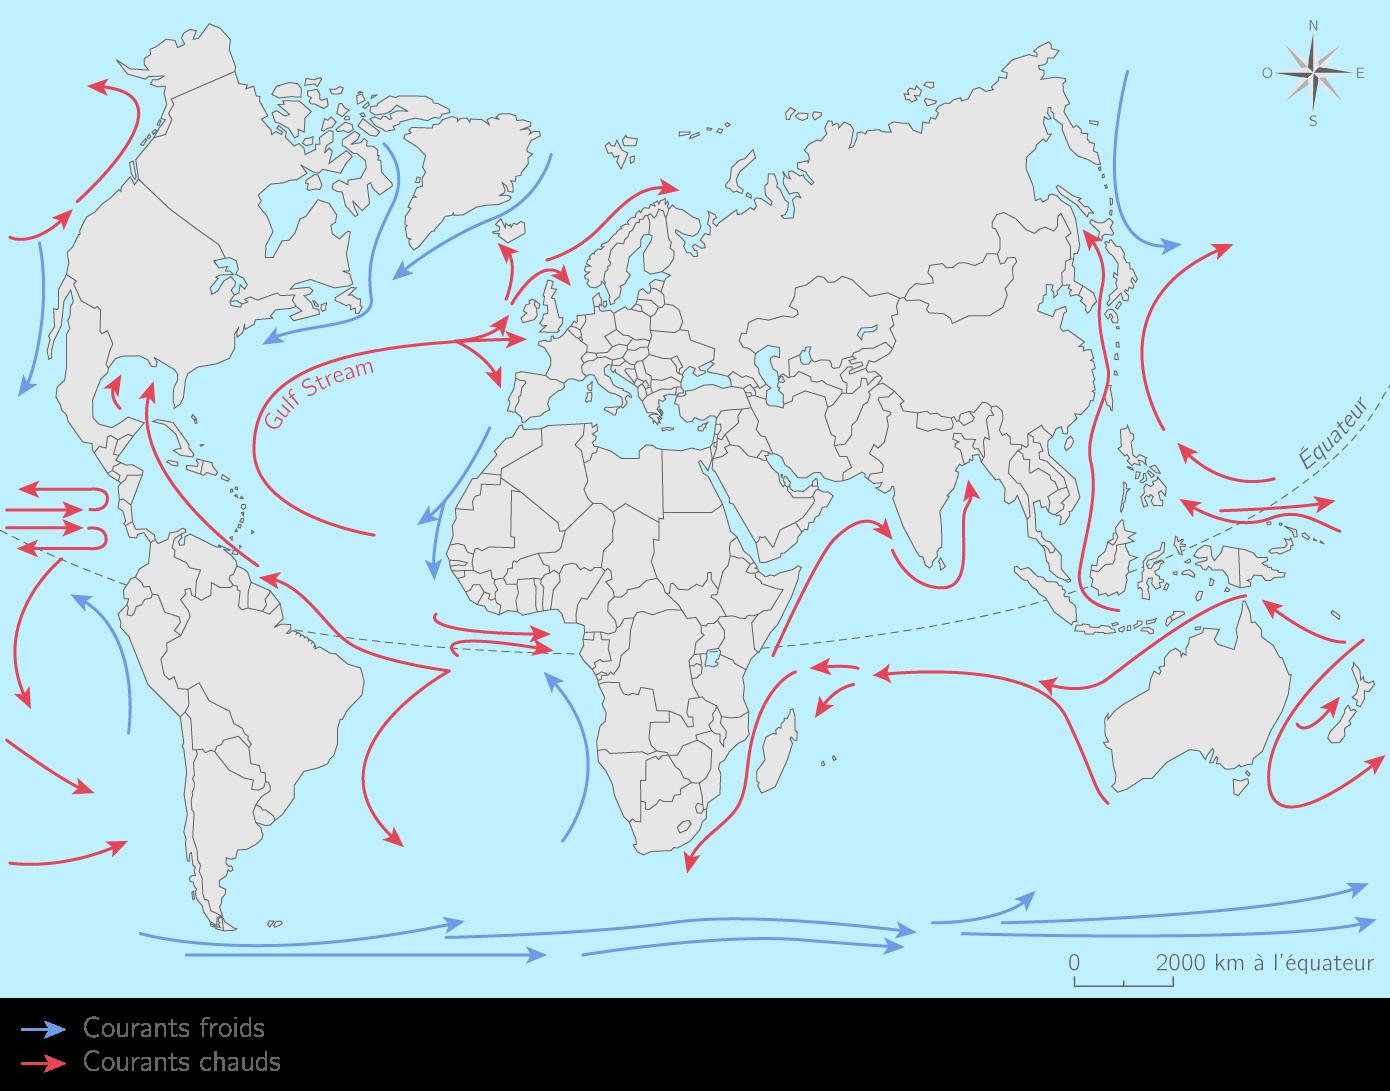 Les principaux courants marins